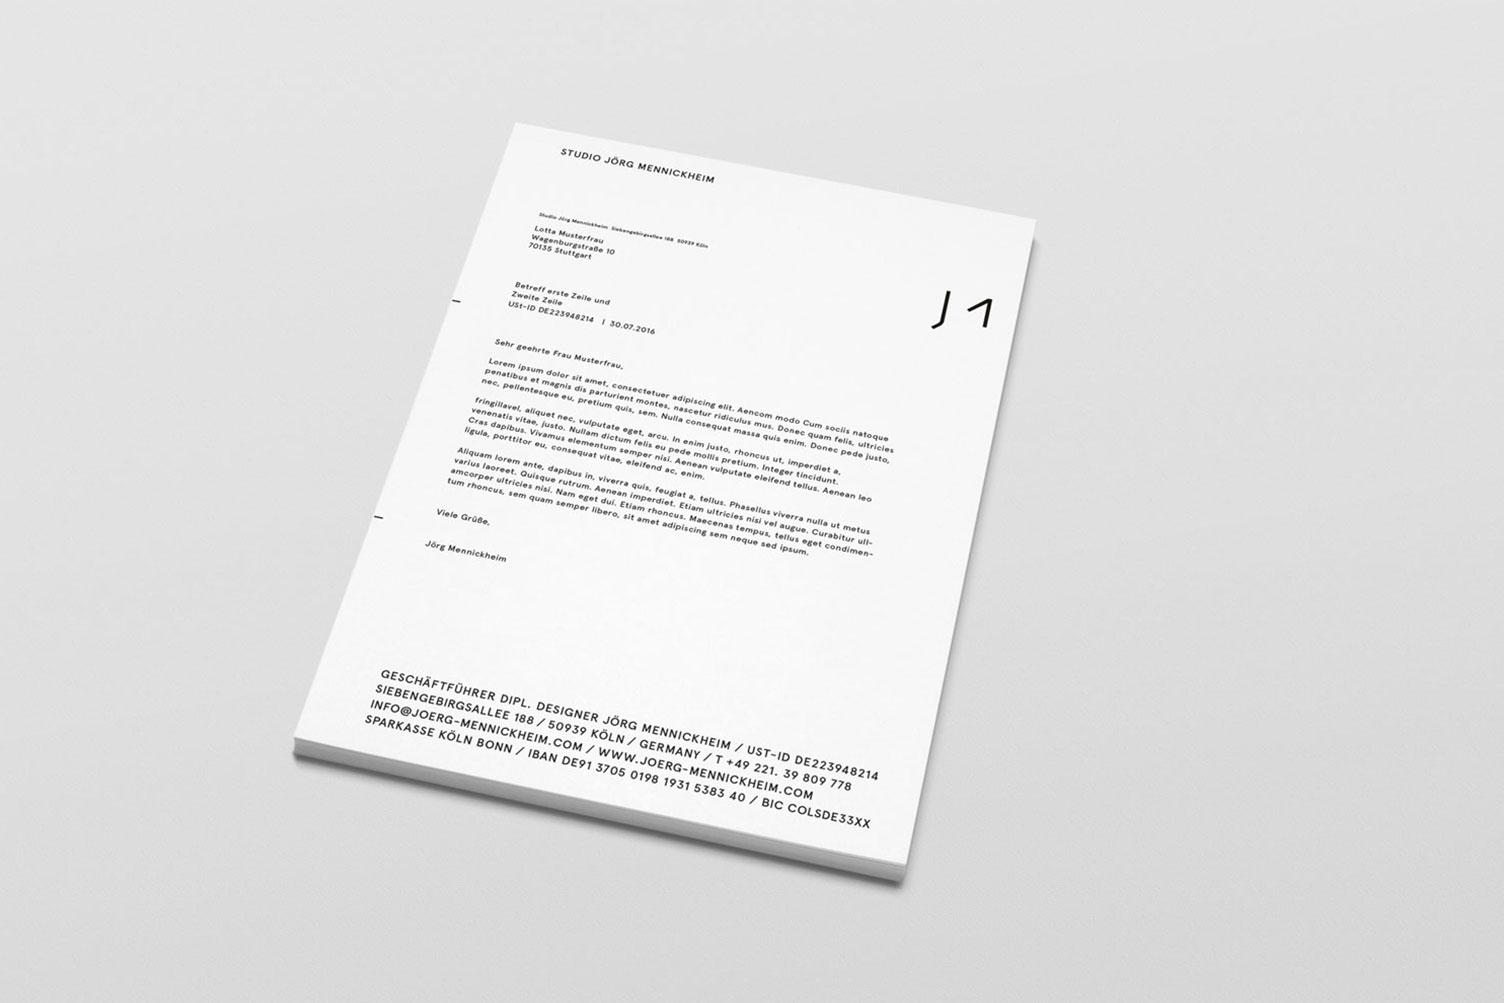 Jörg Mennickheim, Produktdesign, Website, Visitenkarten, Logo, Briefbogen